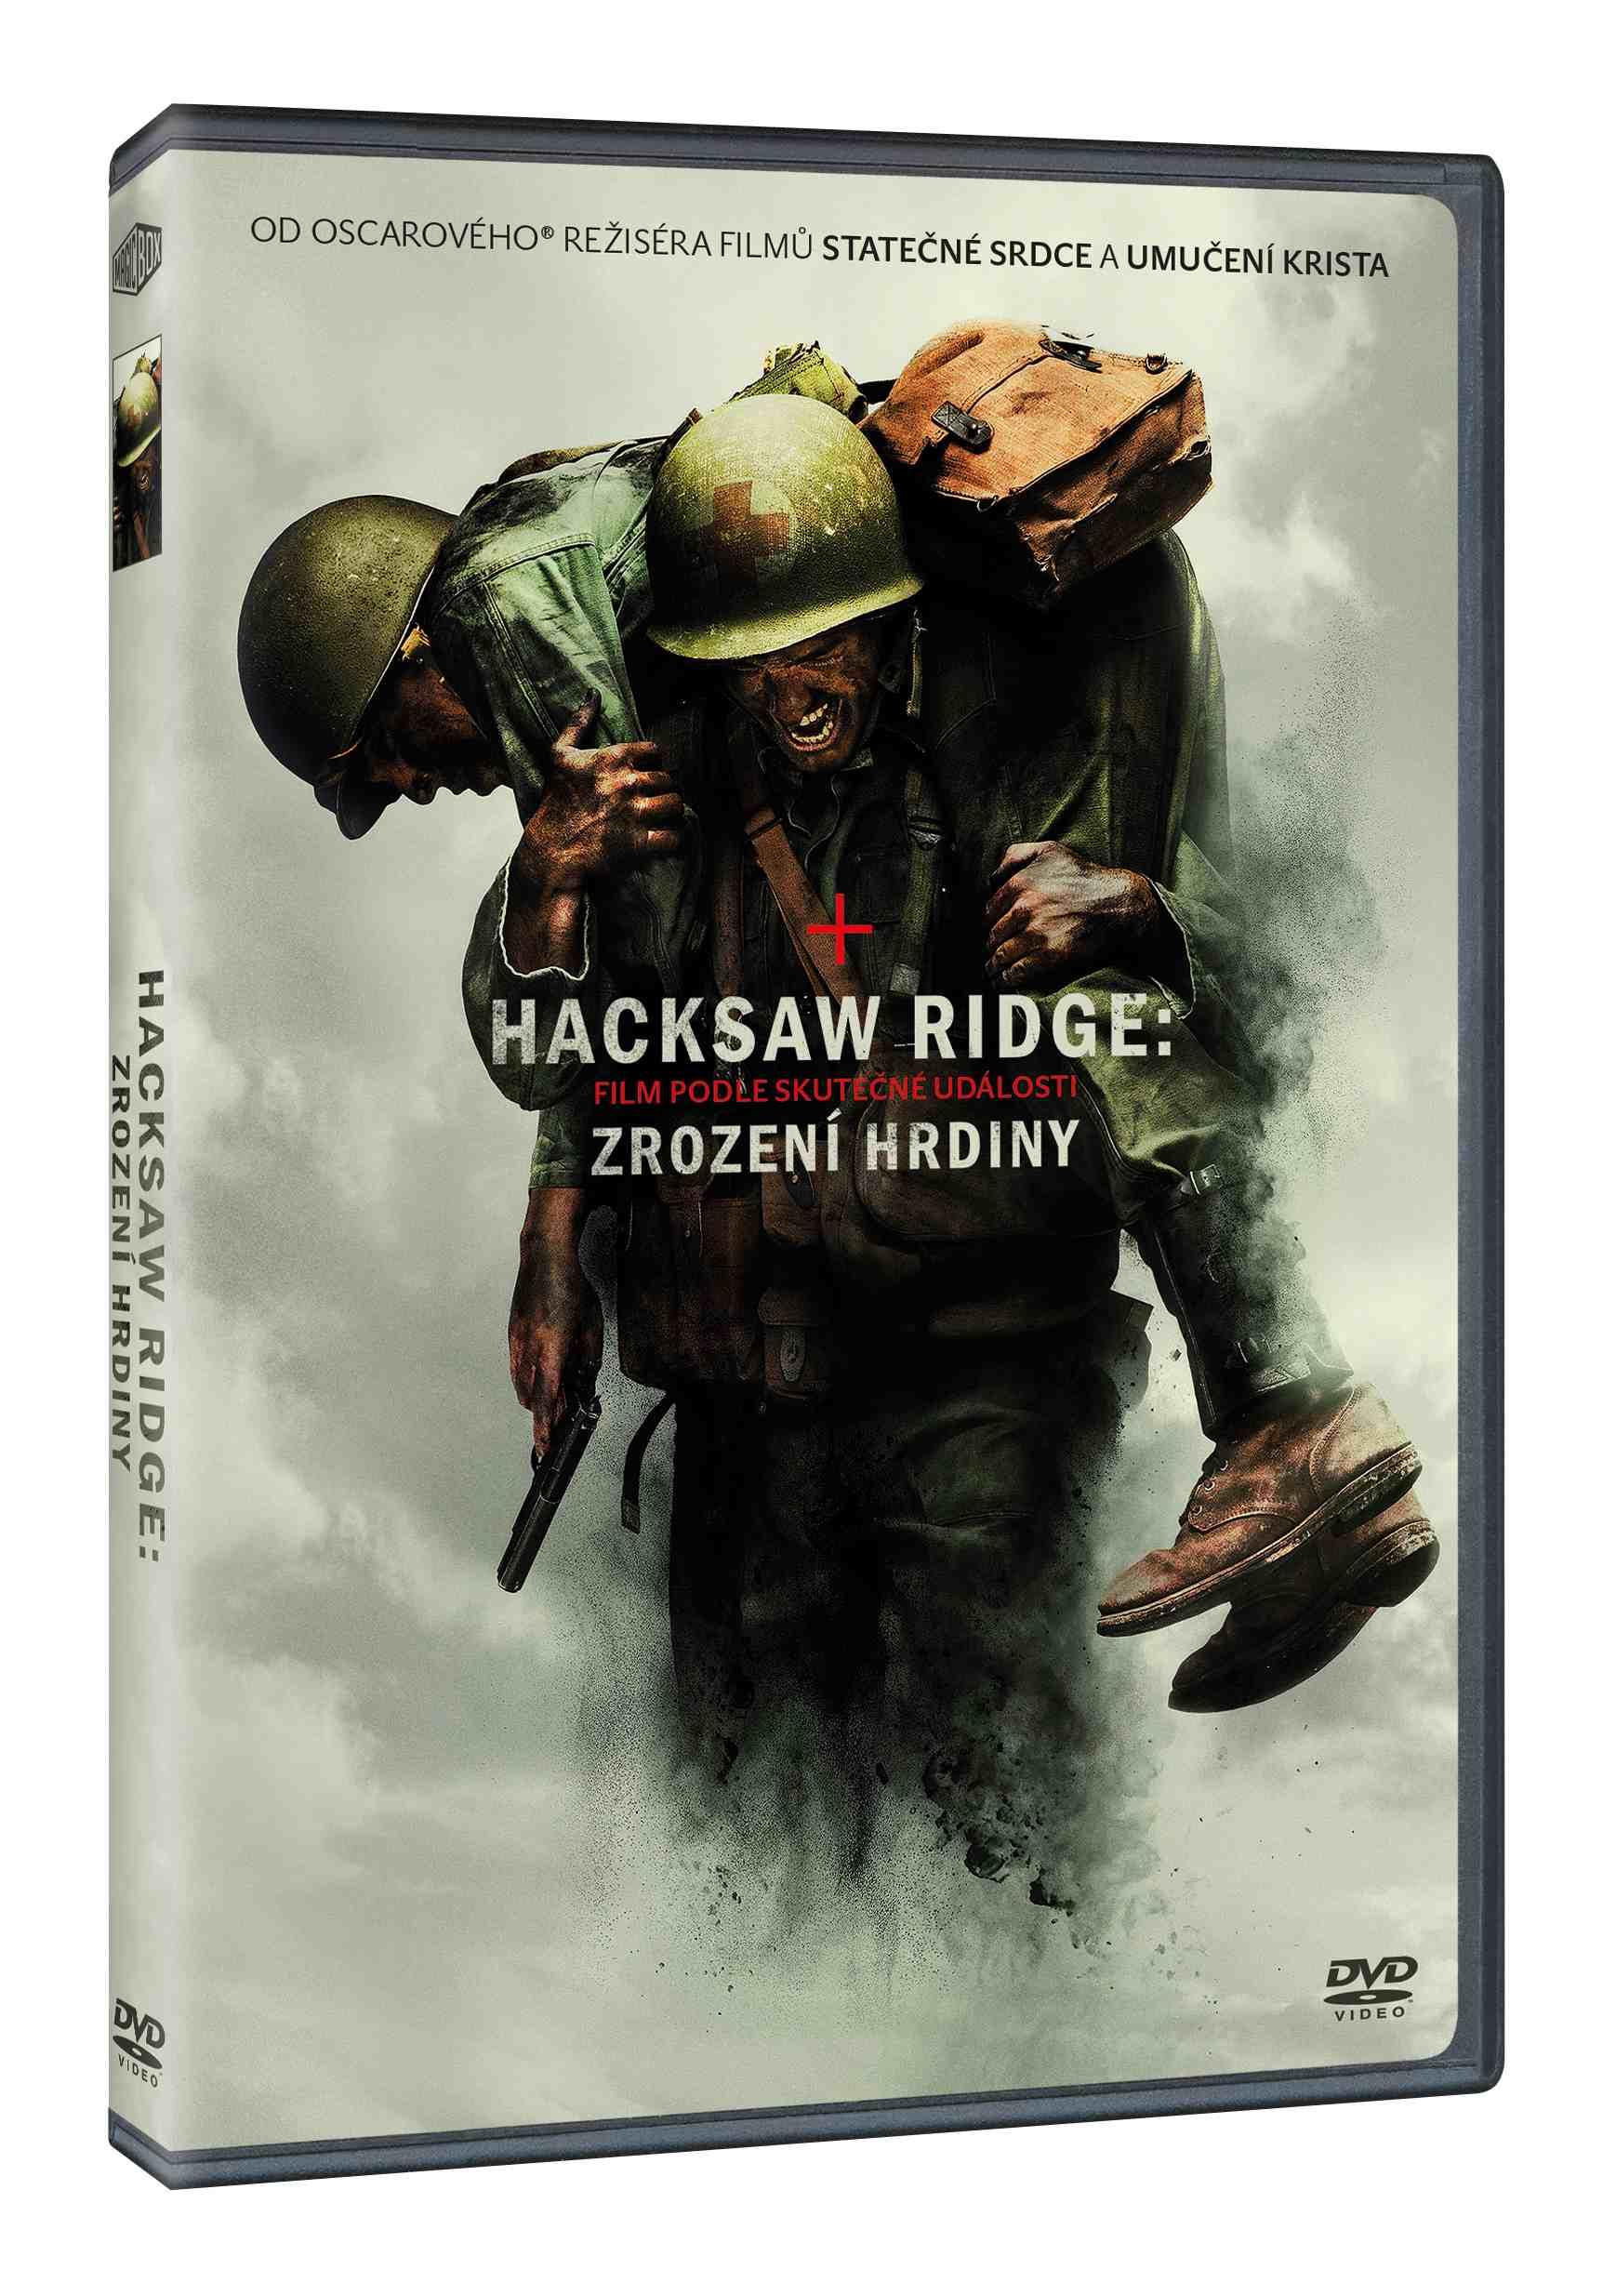 Hacksaw Ridge: zrození hrdiny- DVD